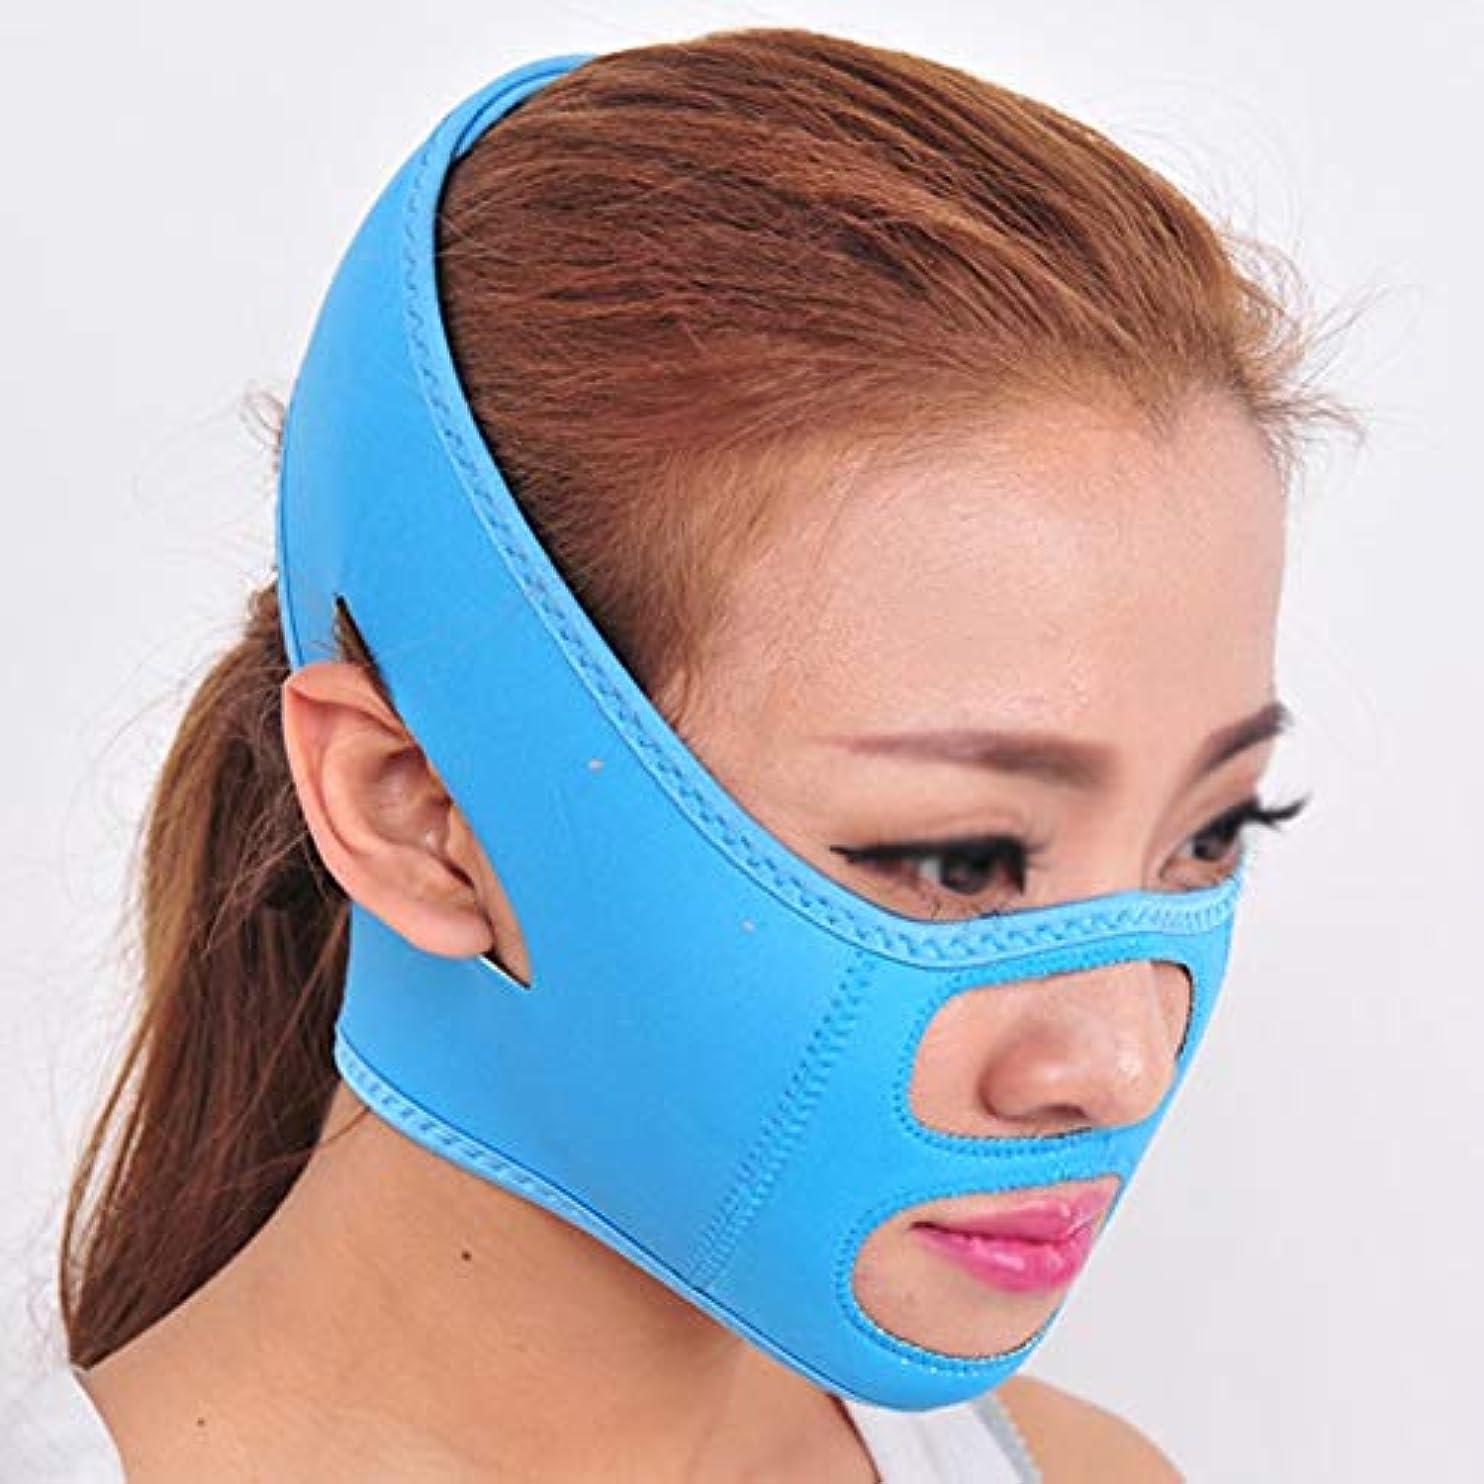 プレゼン座る集中的なXHLMRMJ あごのストラップ、フェイスリフティングマスク、二重あご、フェイスリフティングに最適、リフティングフェイシャルスキン、フェイシャル減量マスク、フェイスリフティングベルト(フリーサイズ) (Color : Blue)